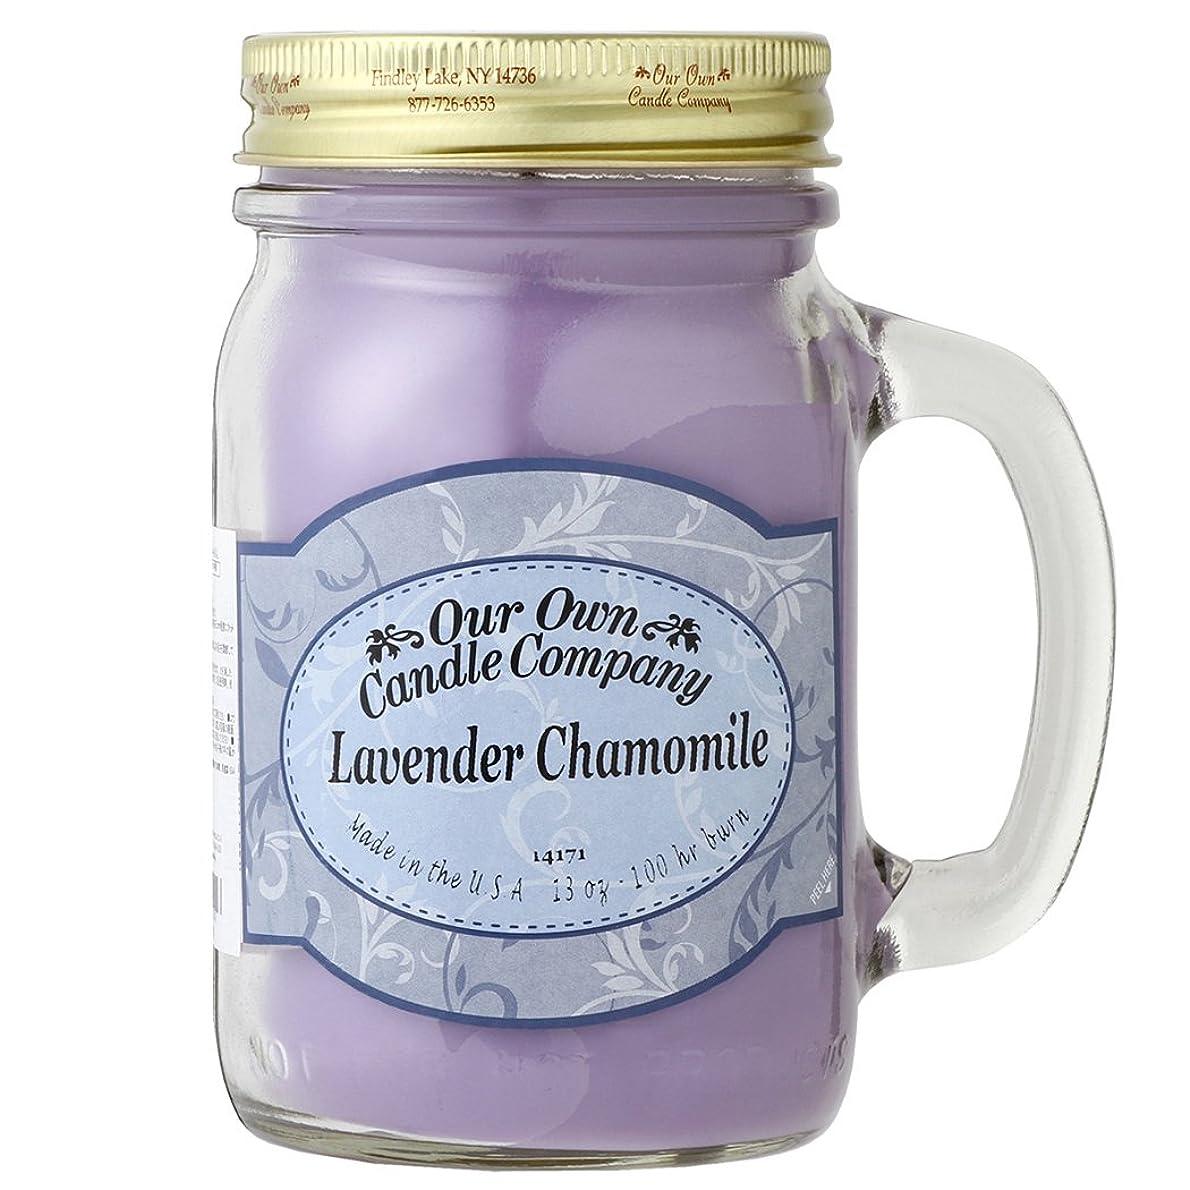 住人戦う悪いOur Own Candle Company メイソンジャーキャンドル ラージサイズ ラベンダーカモミール OU100070